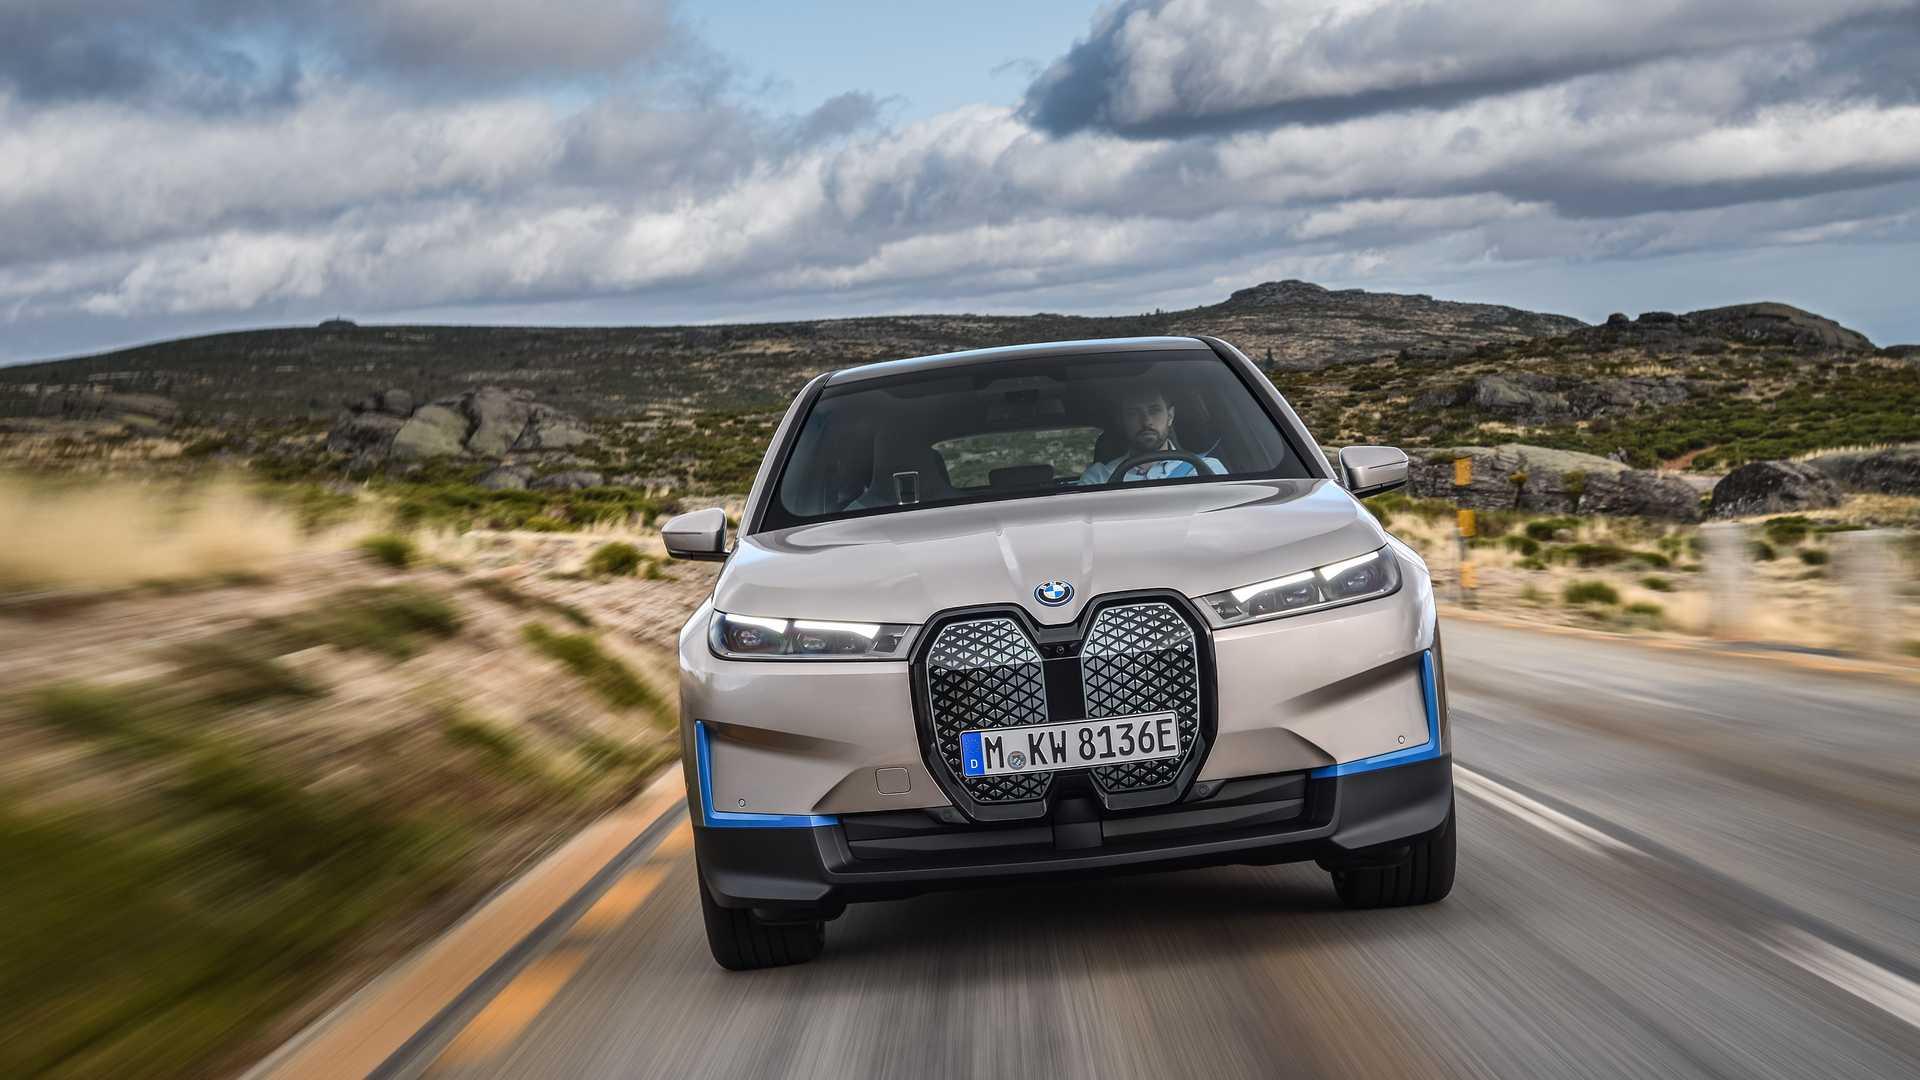 Toutes les futures BMW (électriques et thermiques) jusqu'à 2025